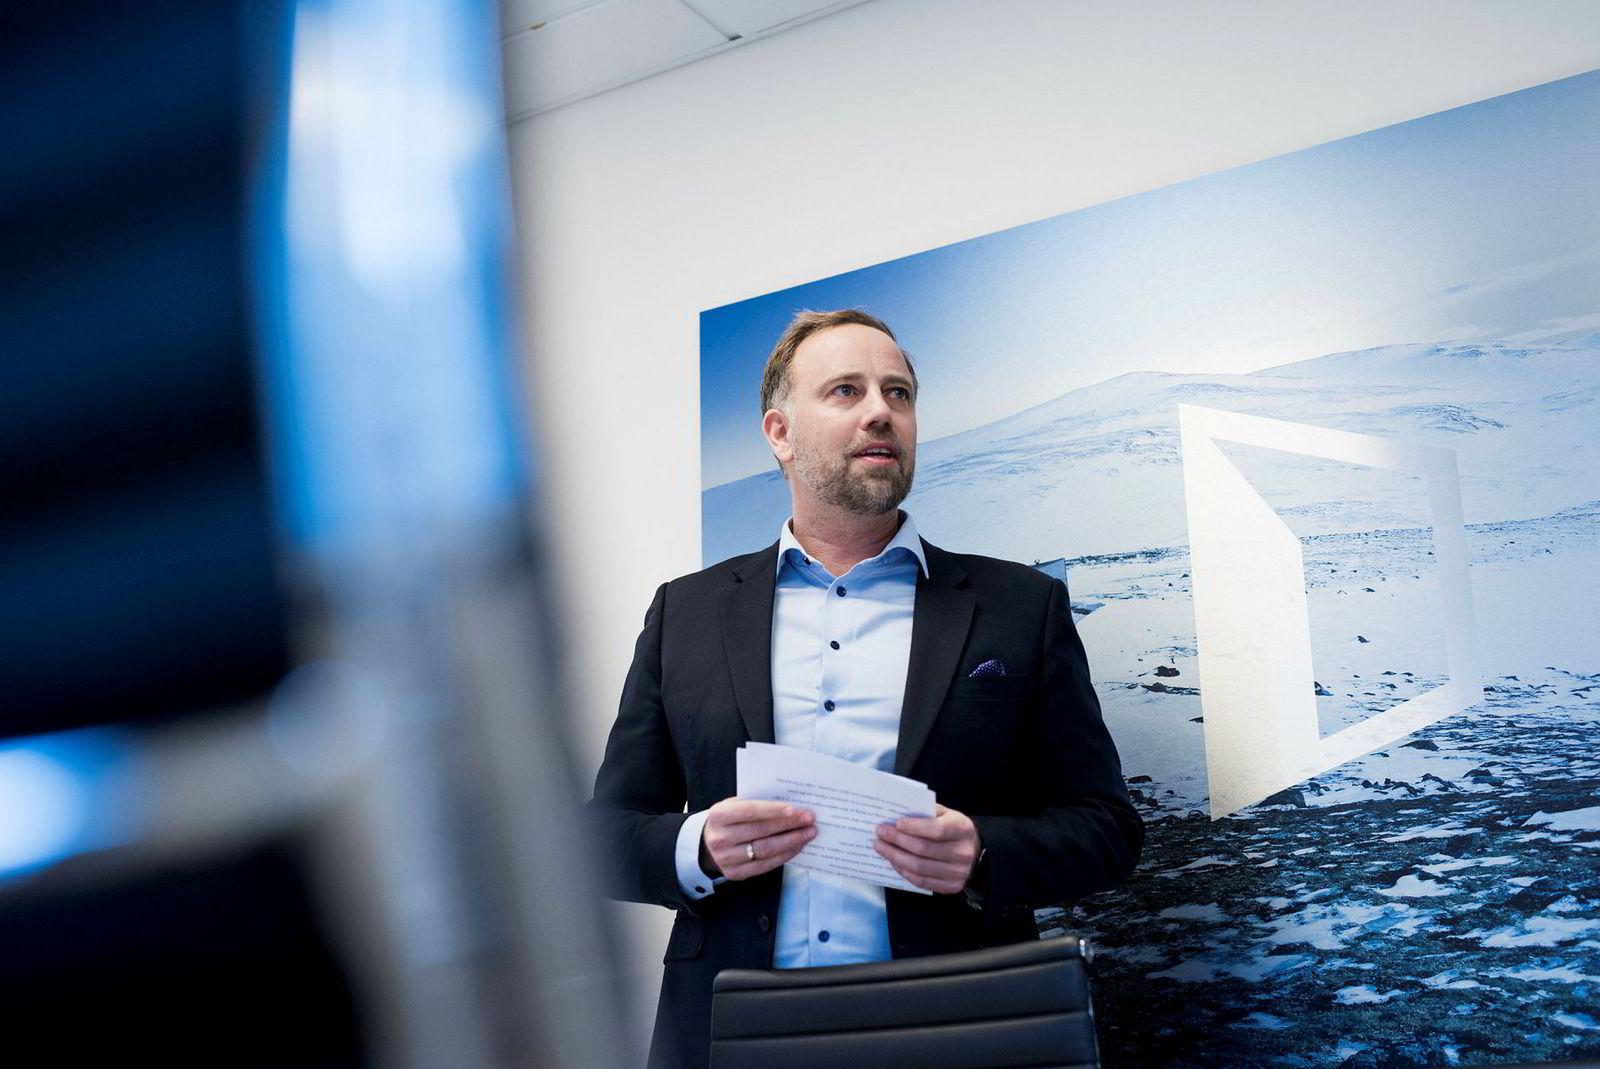 Administrerende direktør Christian Vammervold Dreyer i Eiendom Norge mener forslaget om ny avhendingslov må utredes bedre.